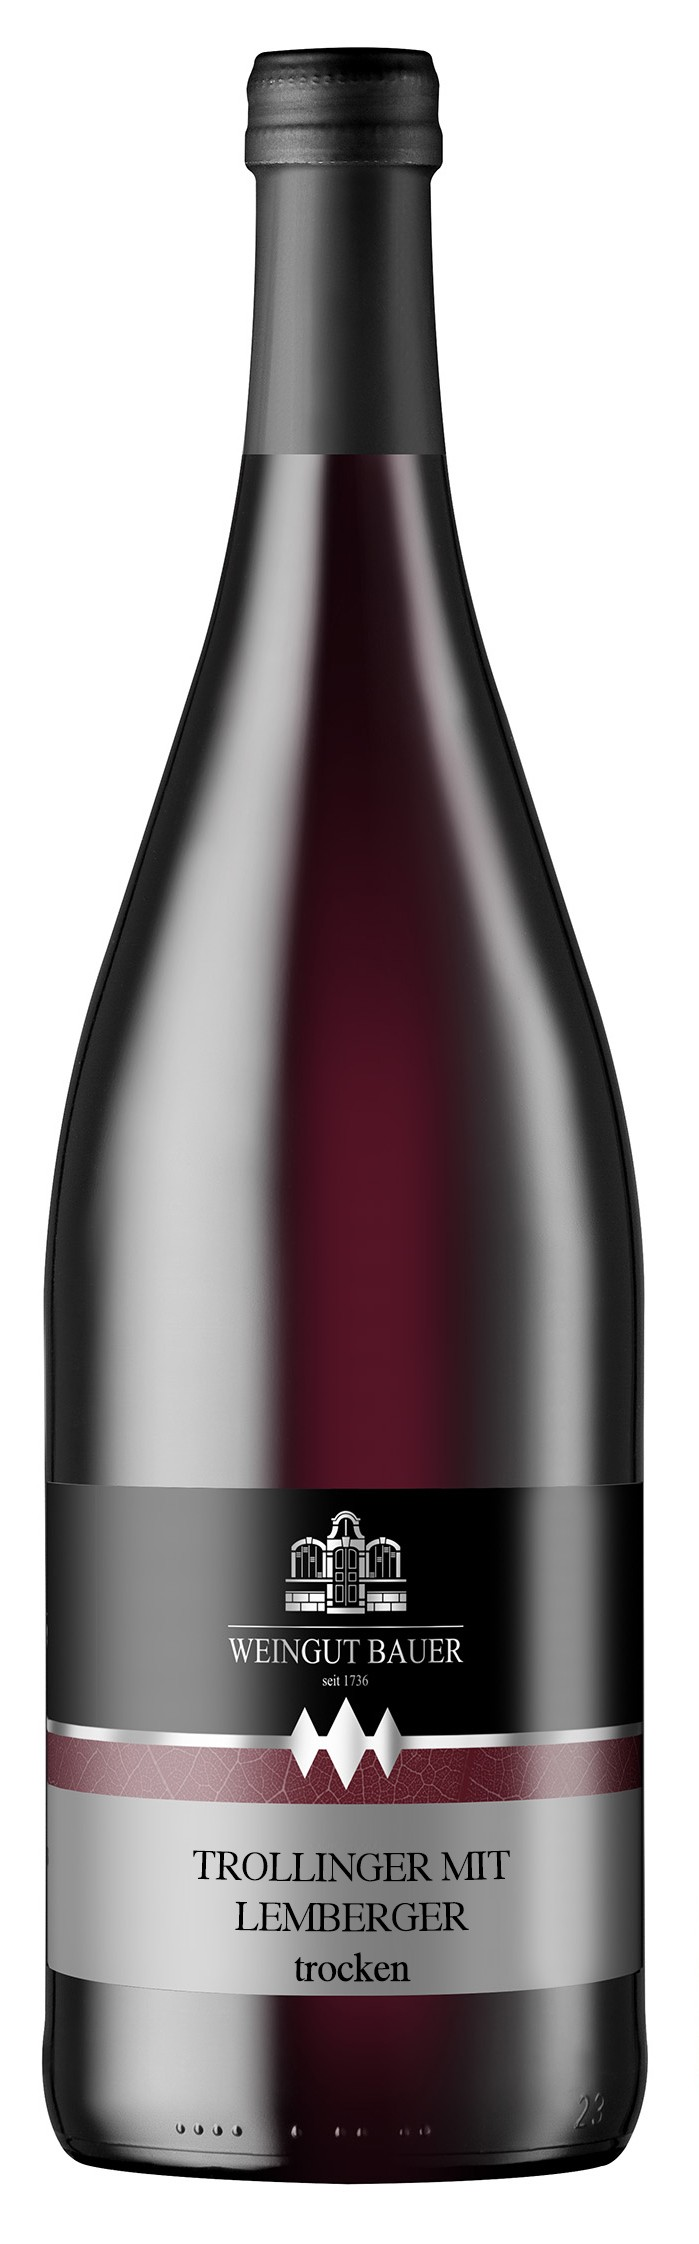 2018 Trollinger mit Lemberger Qualitätswein trocken 1000ml